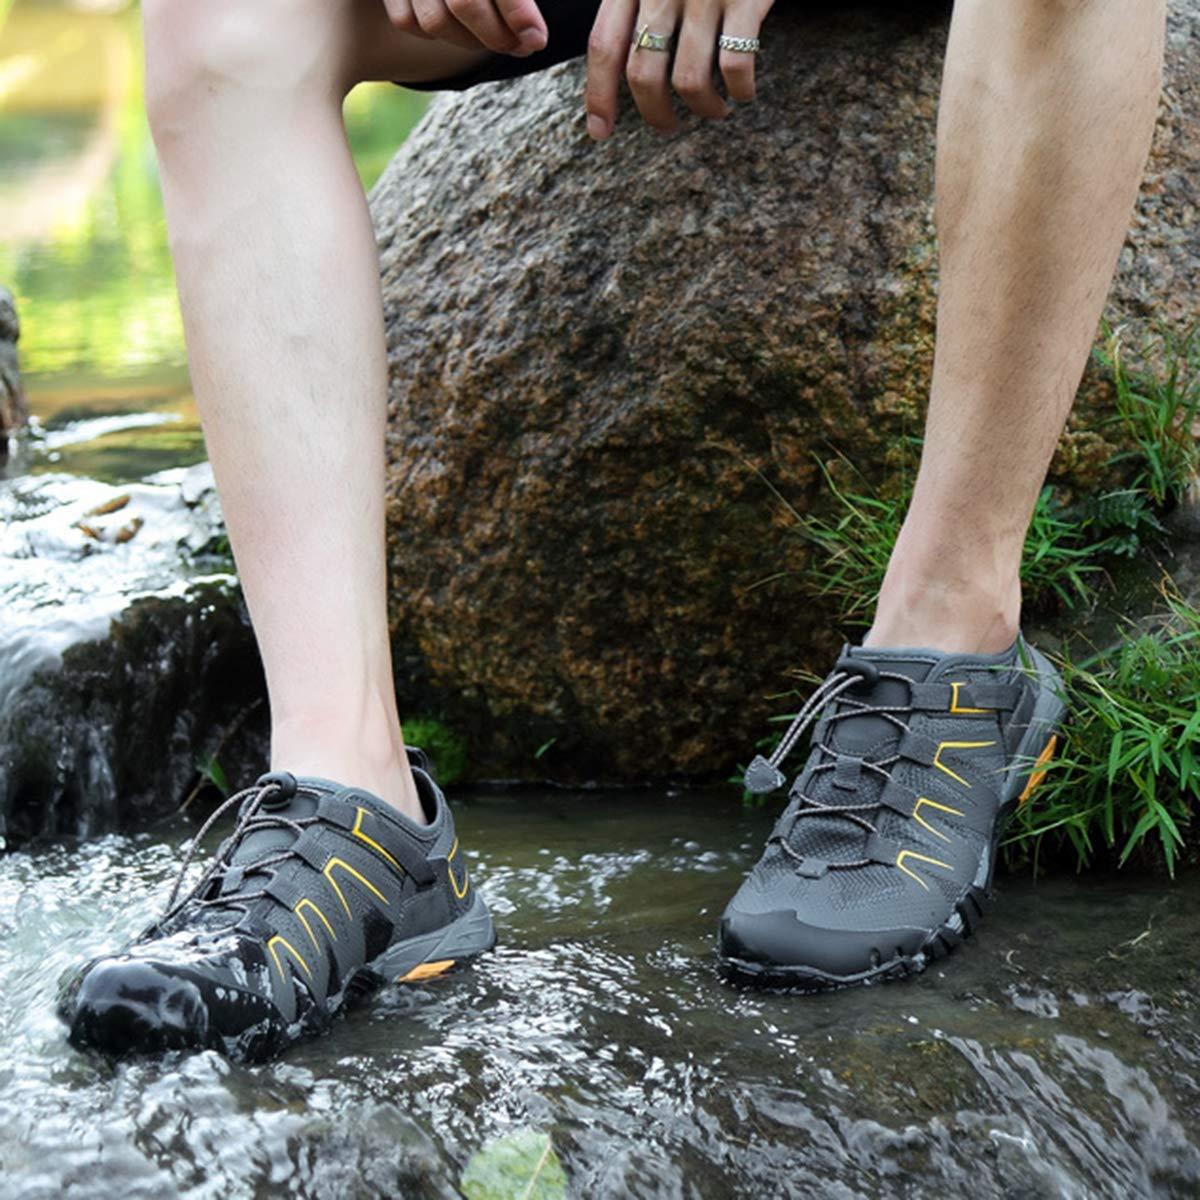 DSX Herren-, Outdoor-Schuhe, Schnell Trocknendes Mesh, Watschuhe, Camping-Wanderschuhe, Weiche und und und Bequeme Wanderschuhe, grau, 42EU  bb6eb5